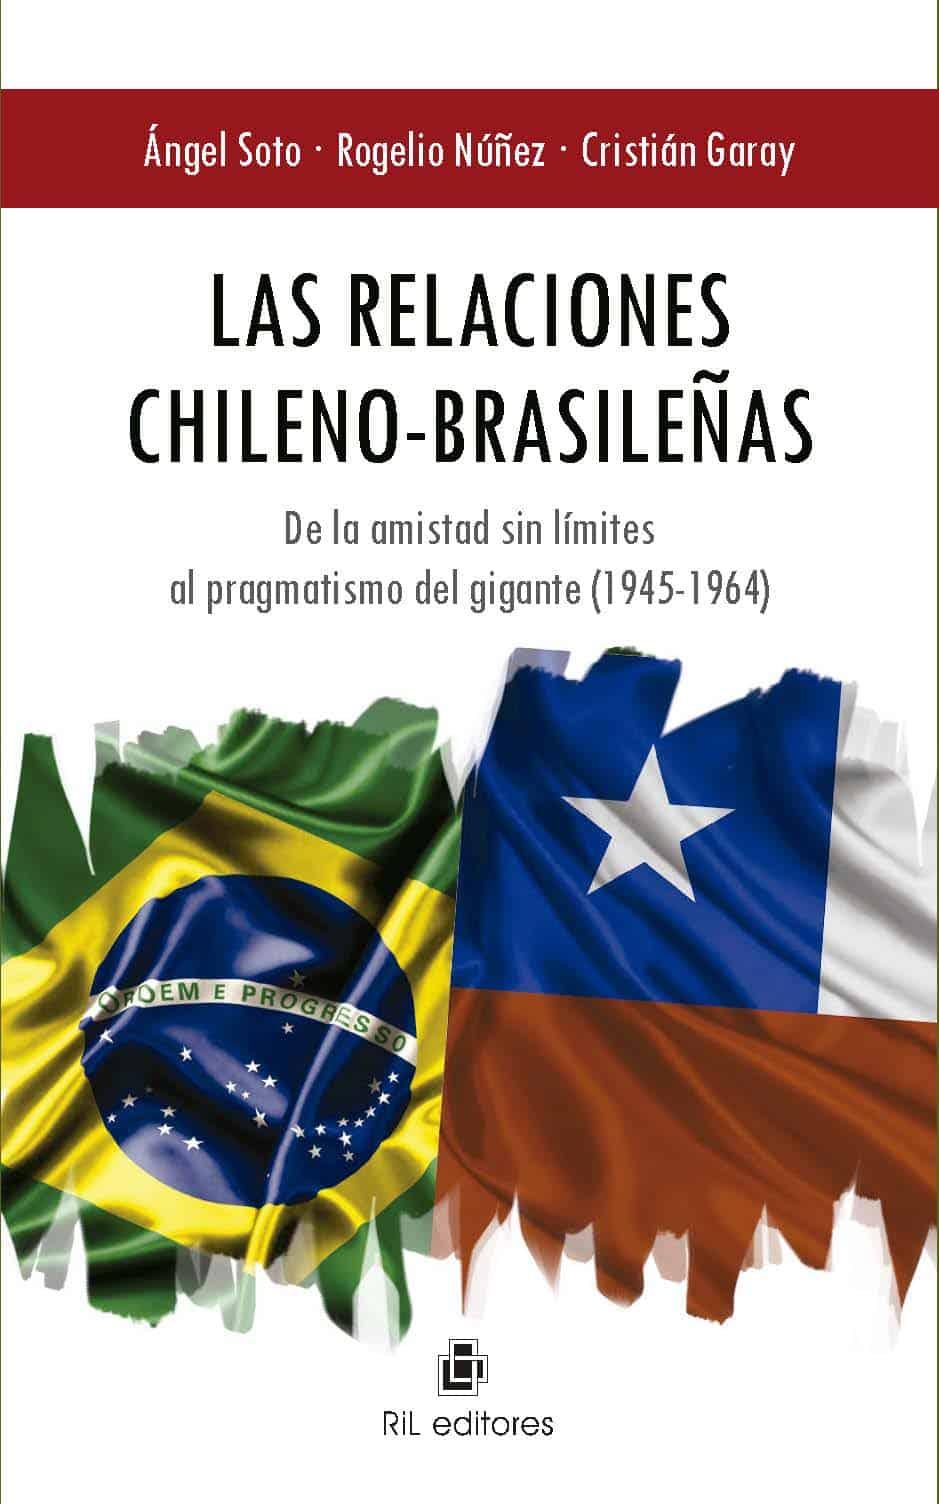 Las relaciones chileno-brasileñas: de la amistad sin límites al pragmatismo del gigante (1945-1964) 1